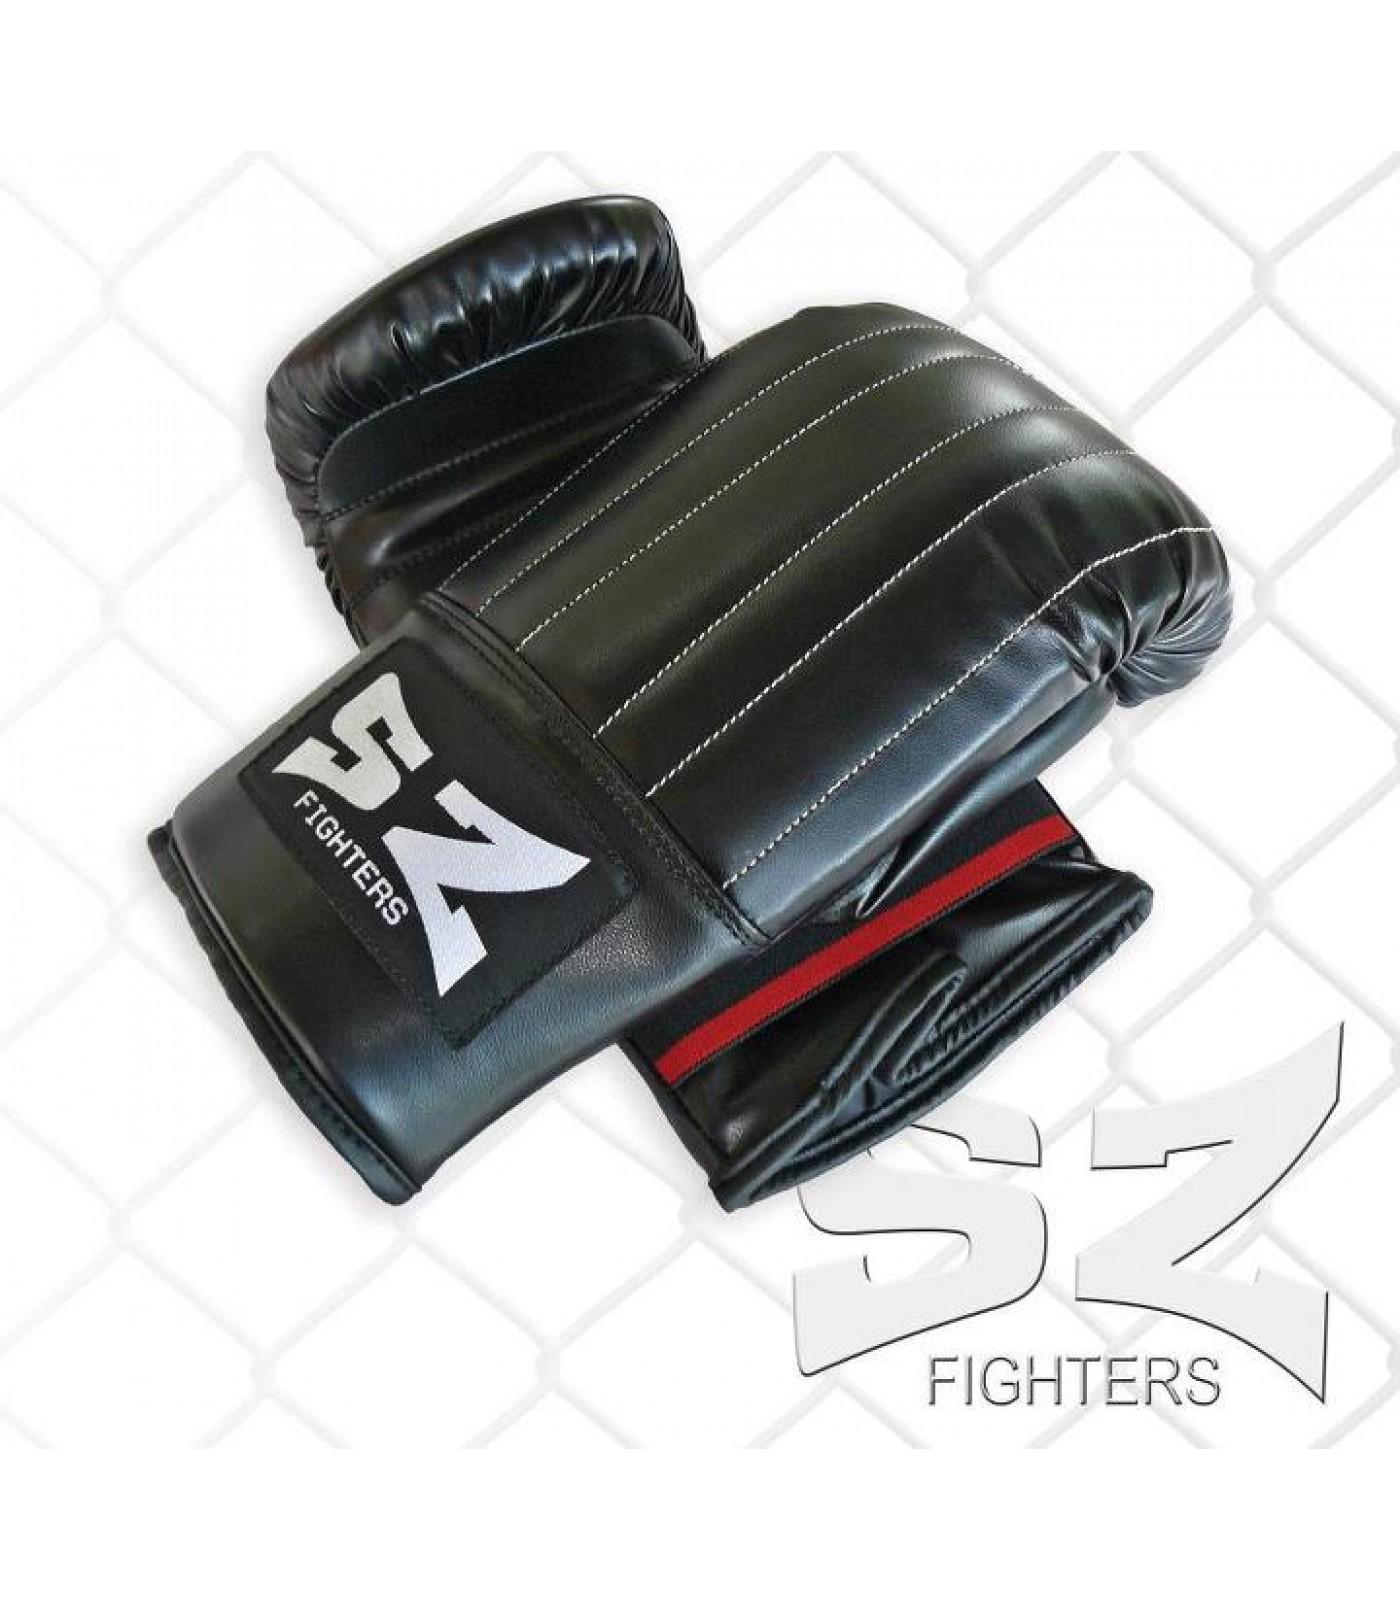 SZ Fighters - Уредни ръкавици (естествена кожа)